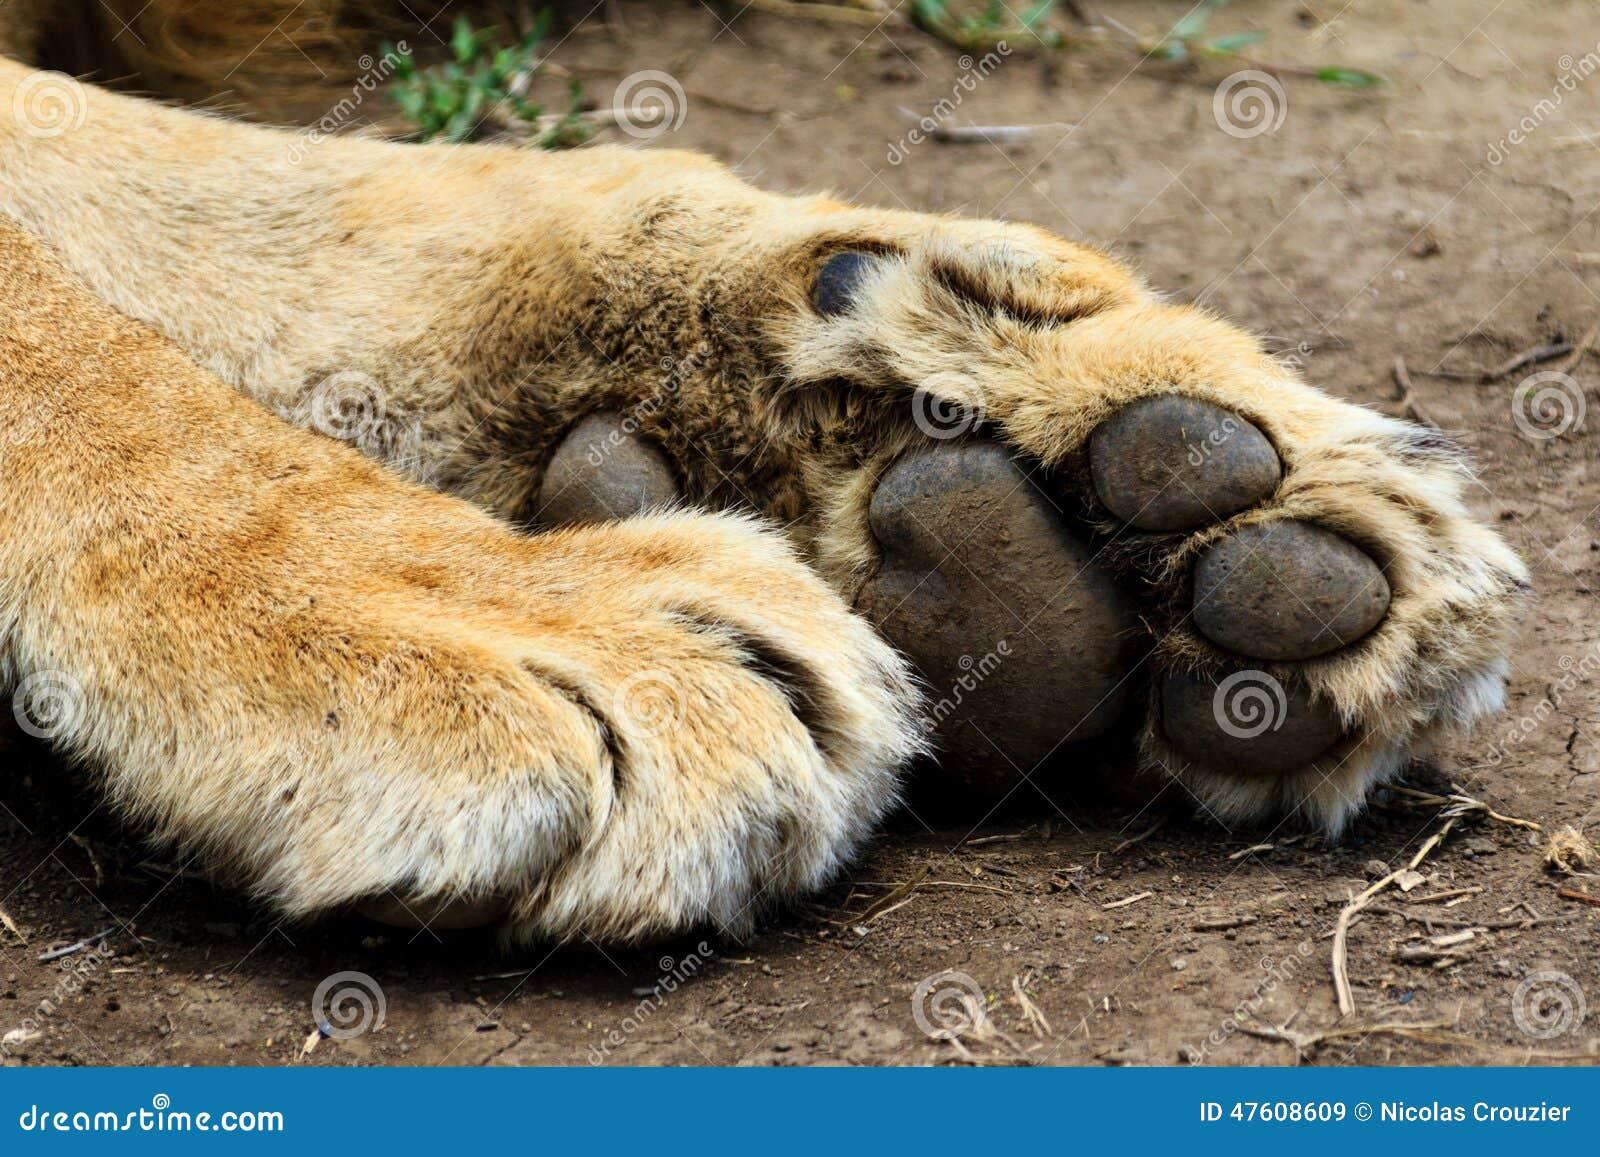 Pattes de lion image stock image du mammif res griffe 47608609 - Patte de lion ...